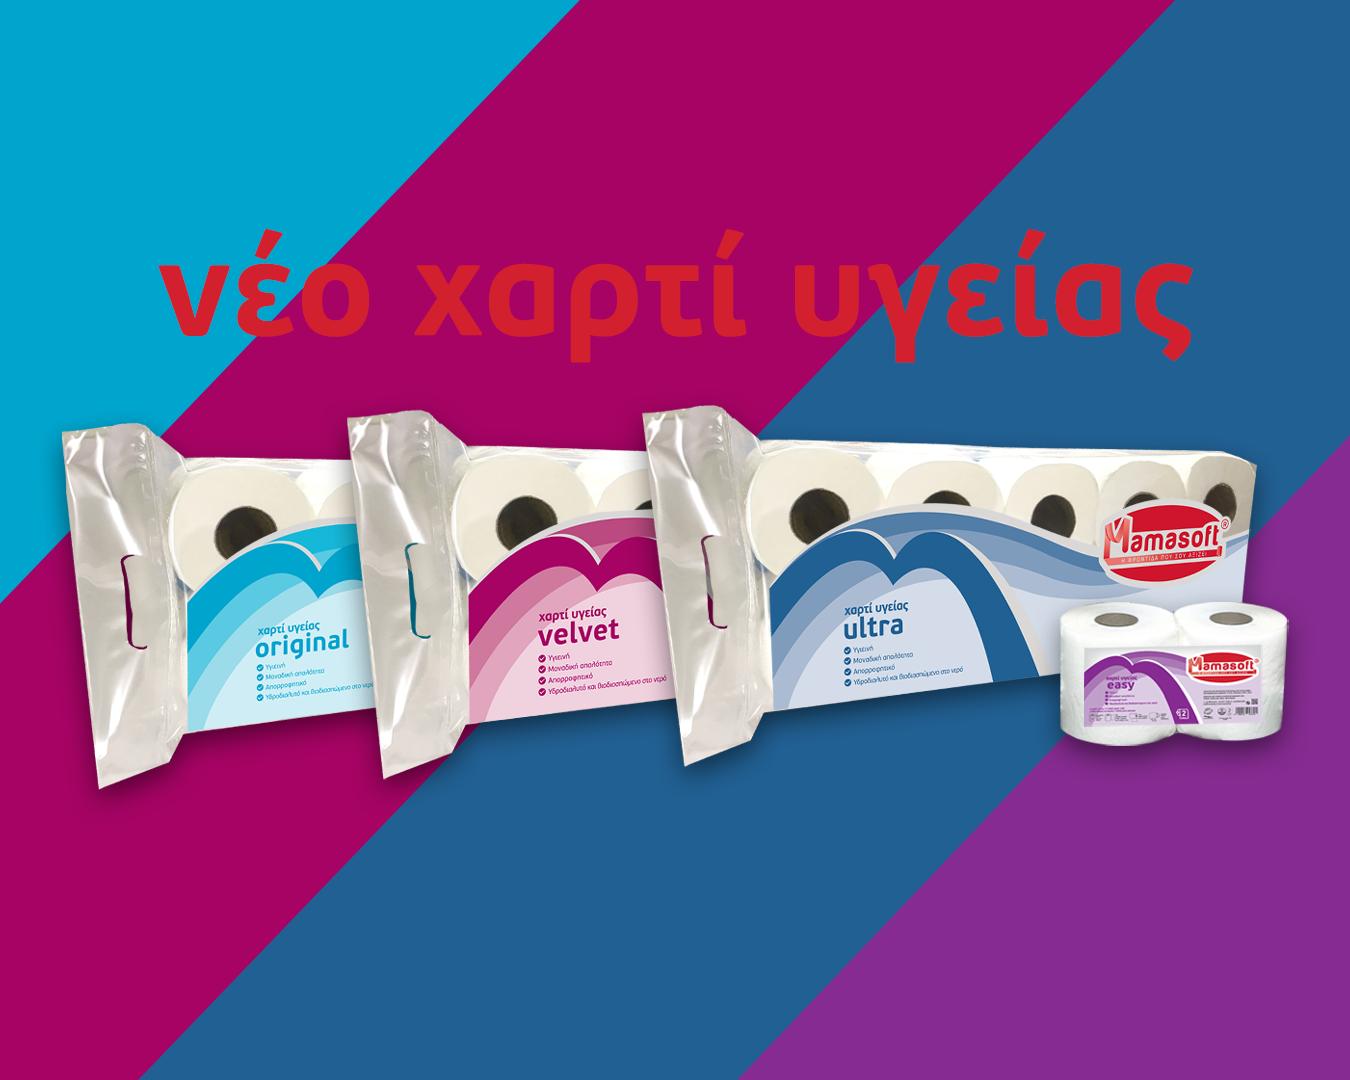 mamasoft-xartia-ygeias